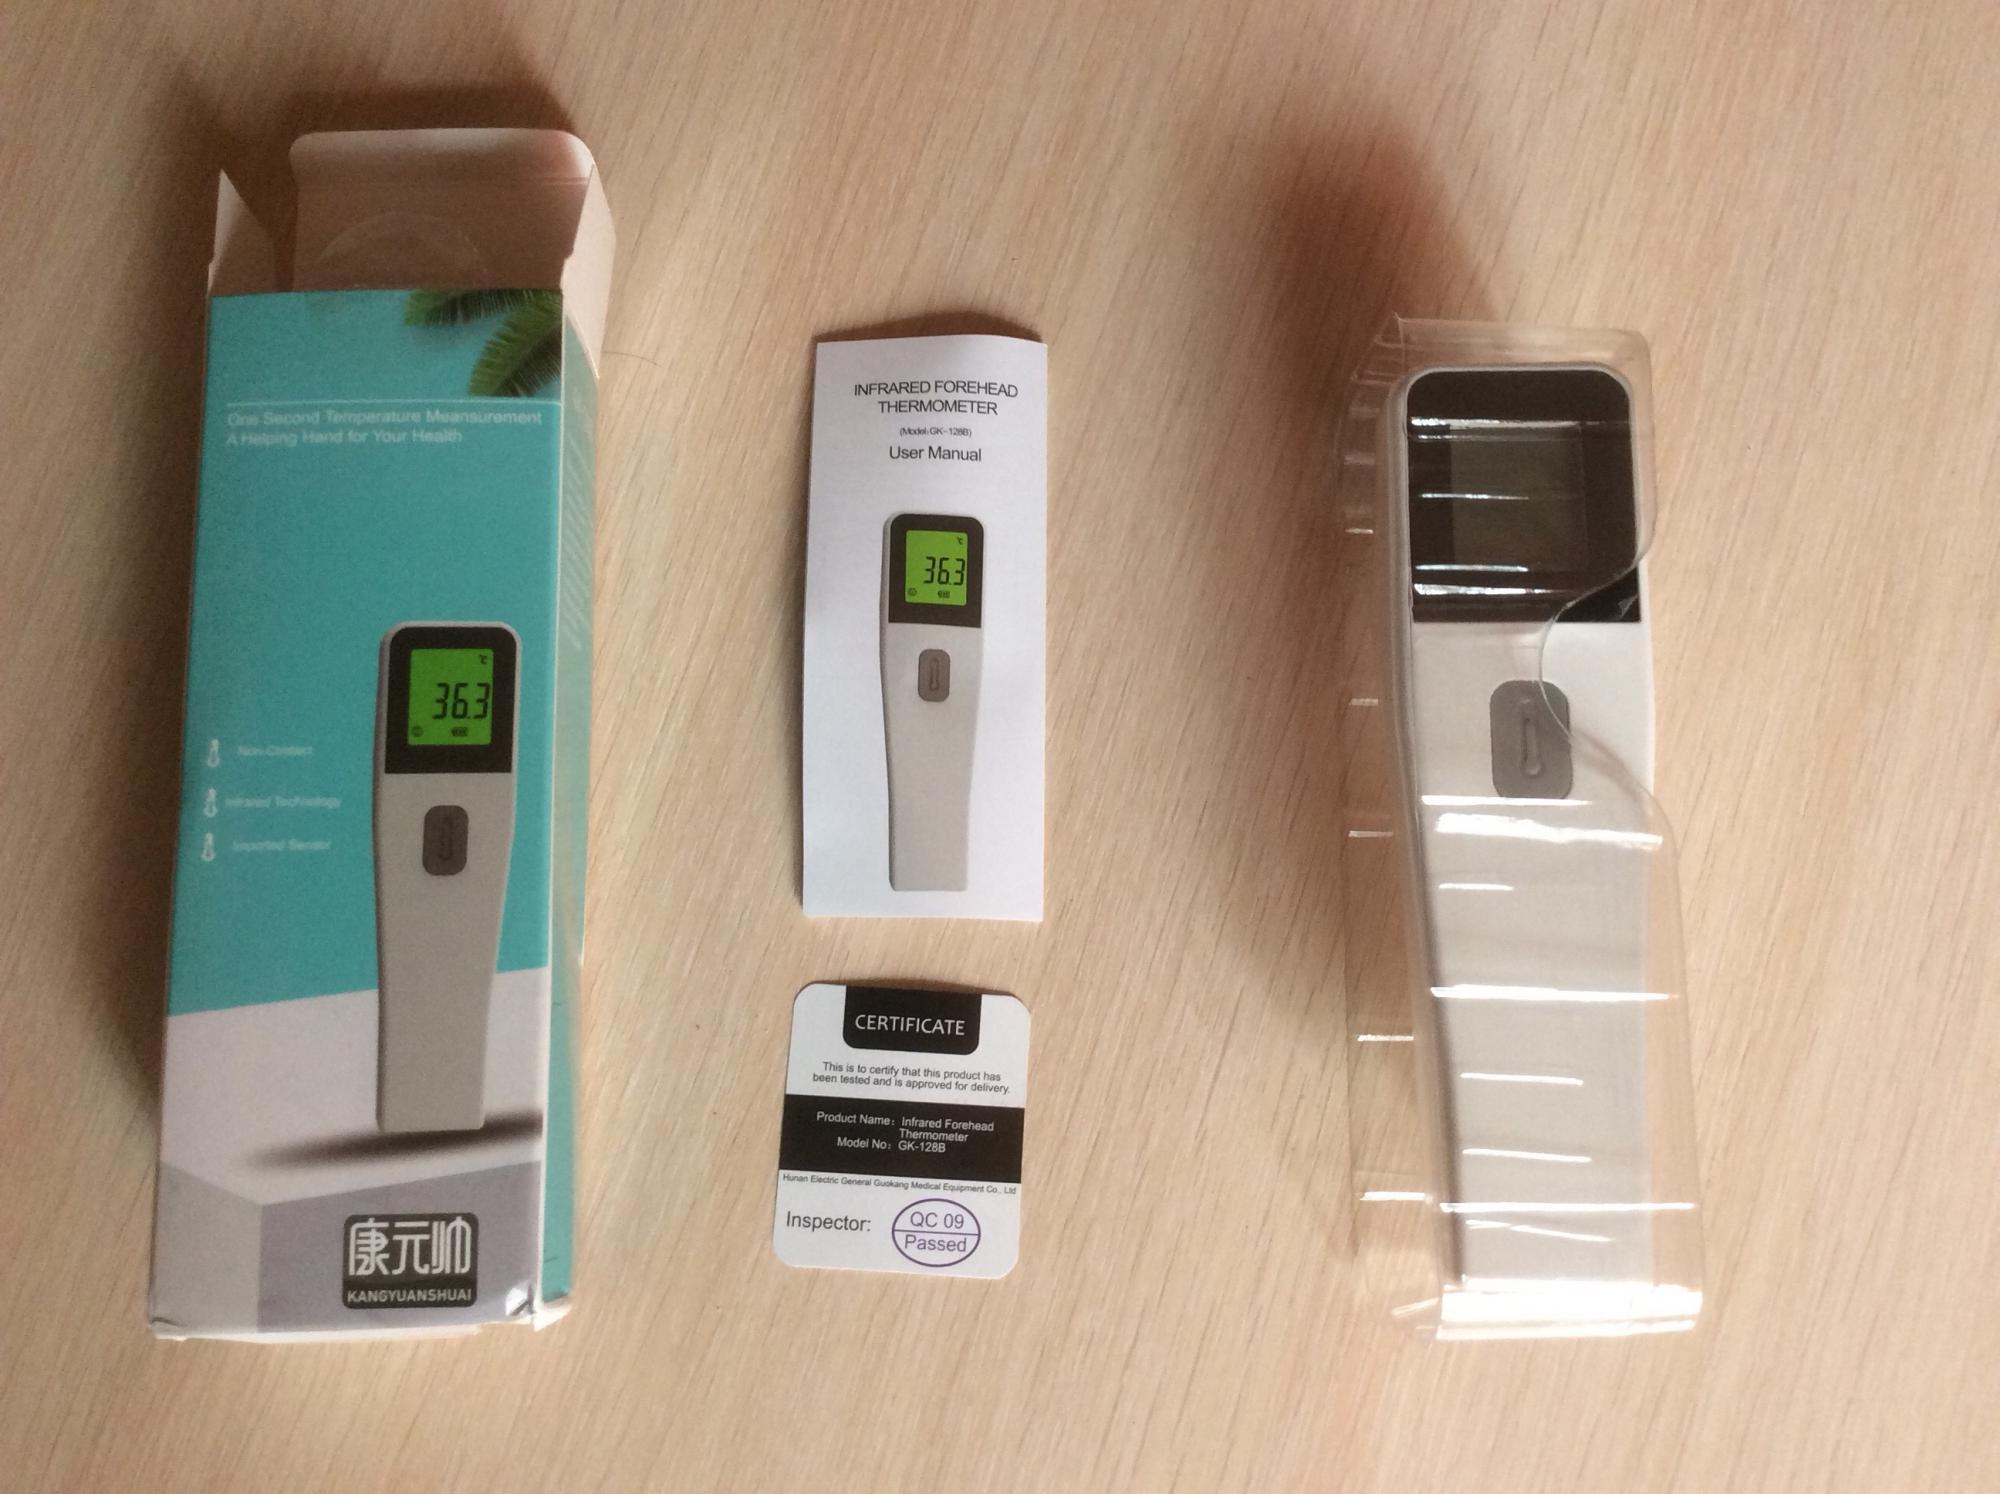 Термометр бесконтактный инфракрасный в Хабаровске купить 1